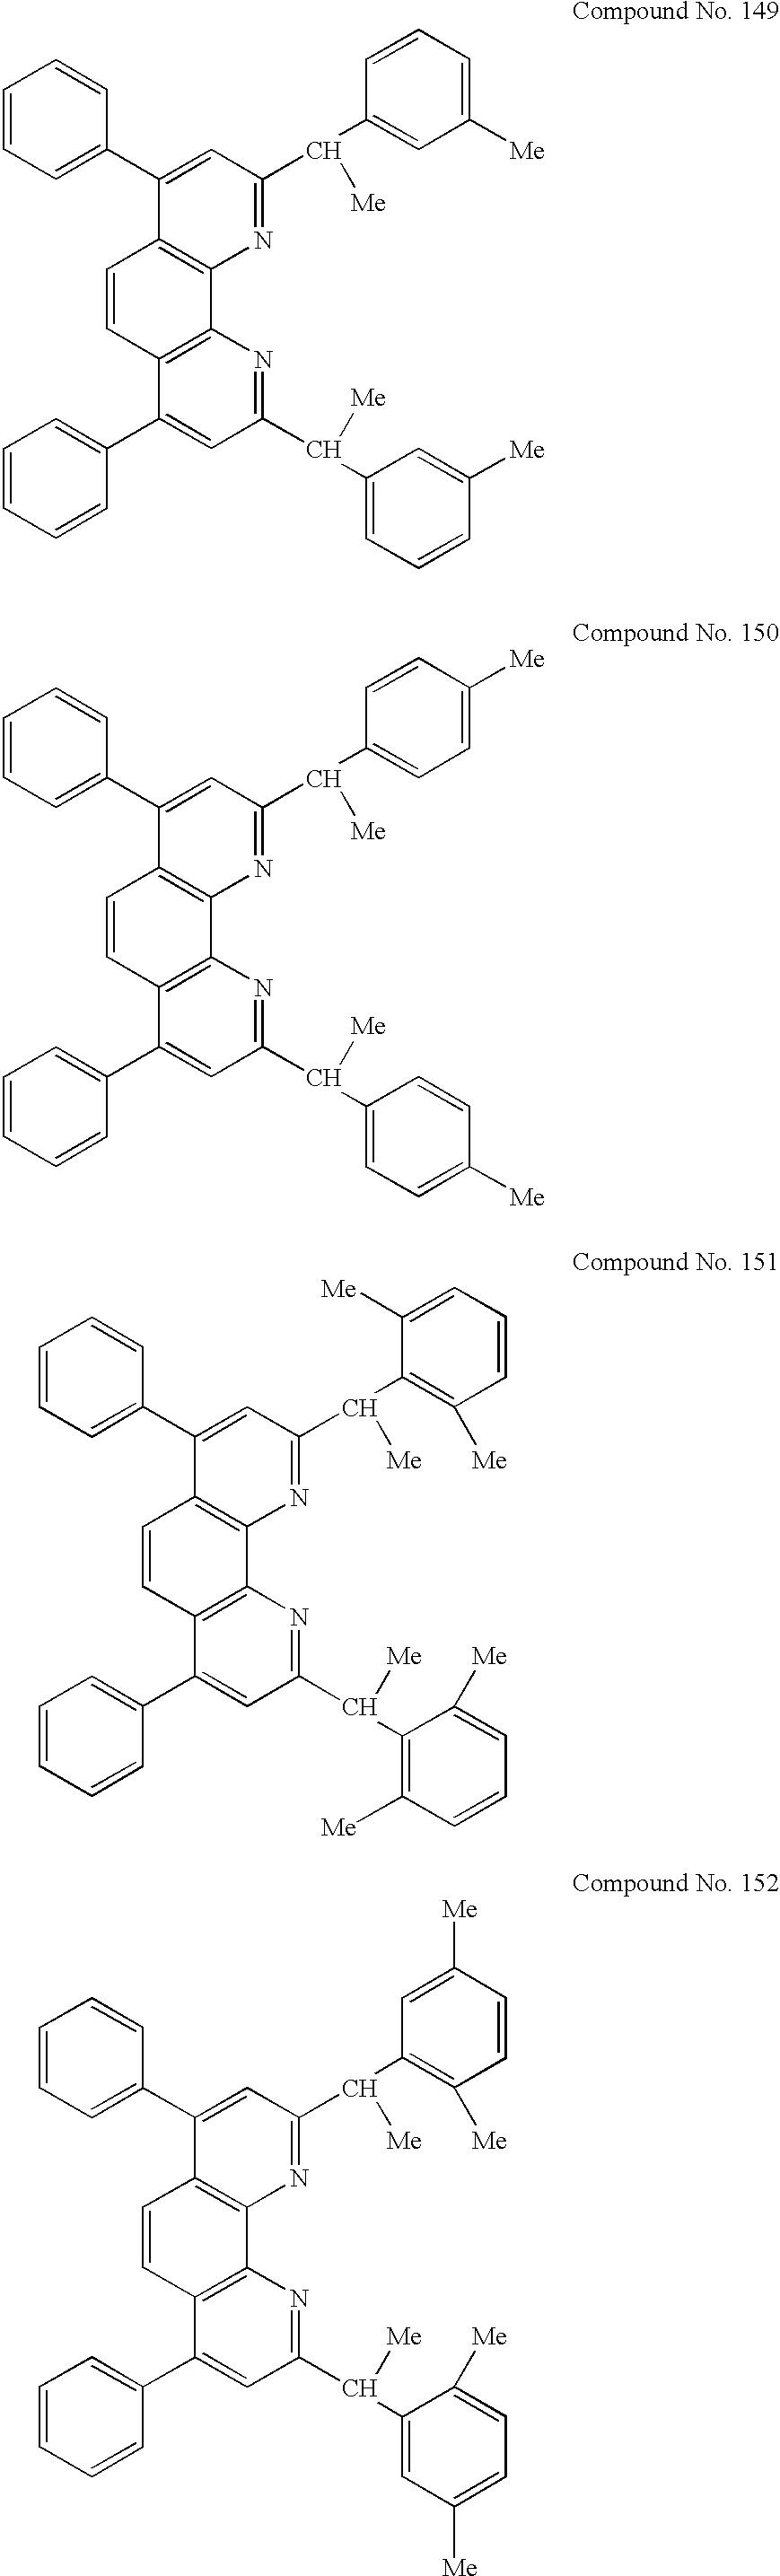 Figure US06524728-20030225-C00046